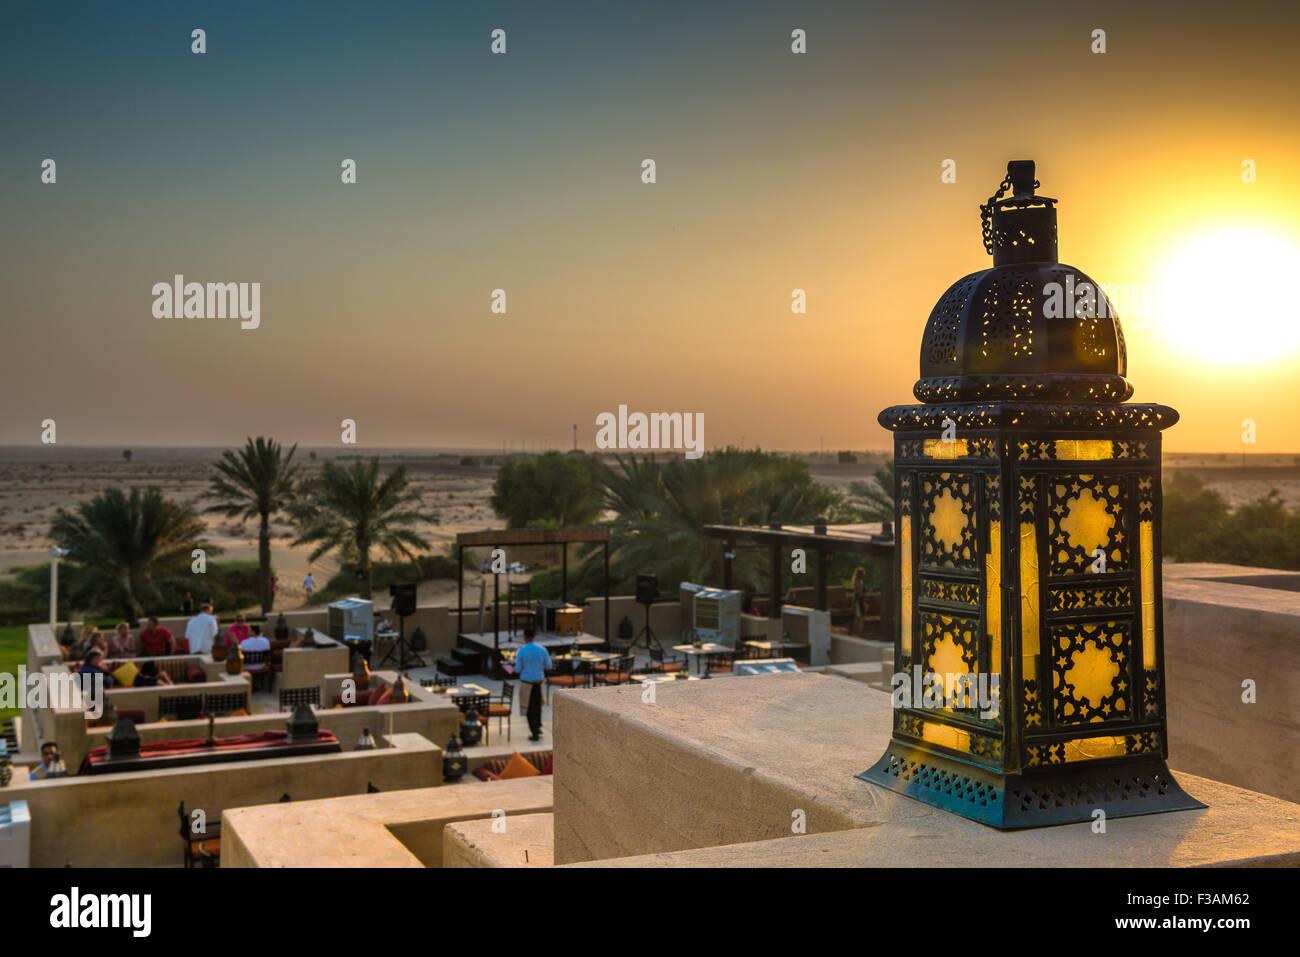 Puesta de sol sobre el desierto de Dubai como se ve desde el Al Sarab rooftop lounge en el Bab Al Shams Resort Imagen De Stock